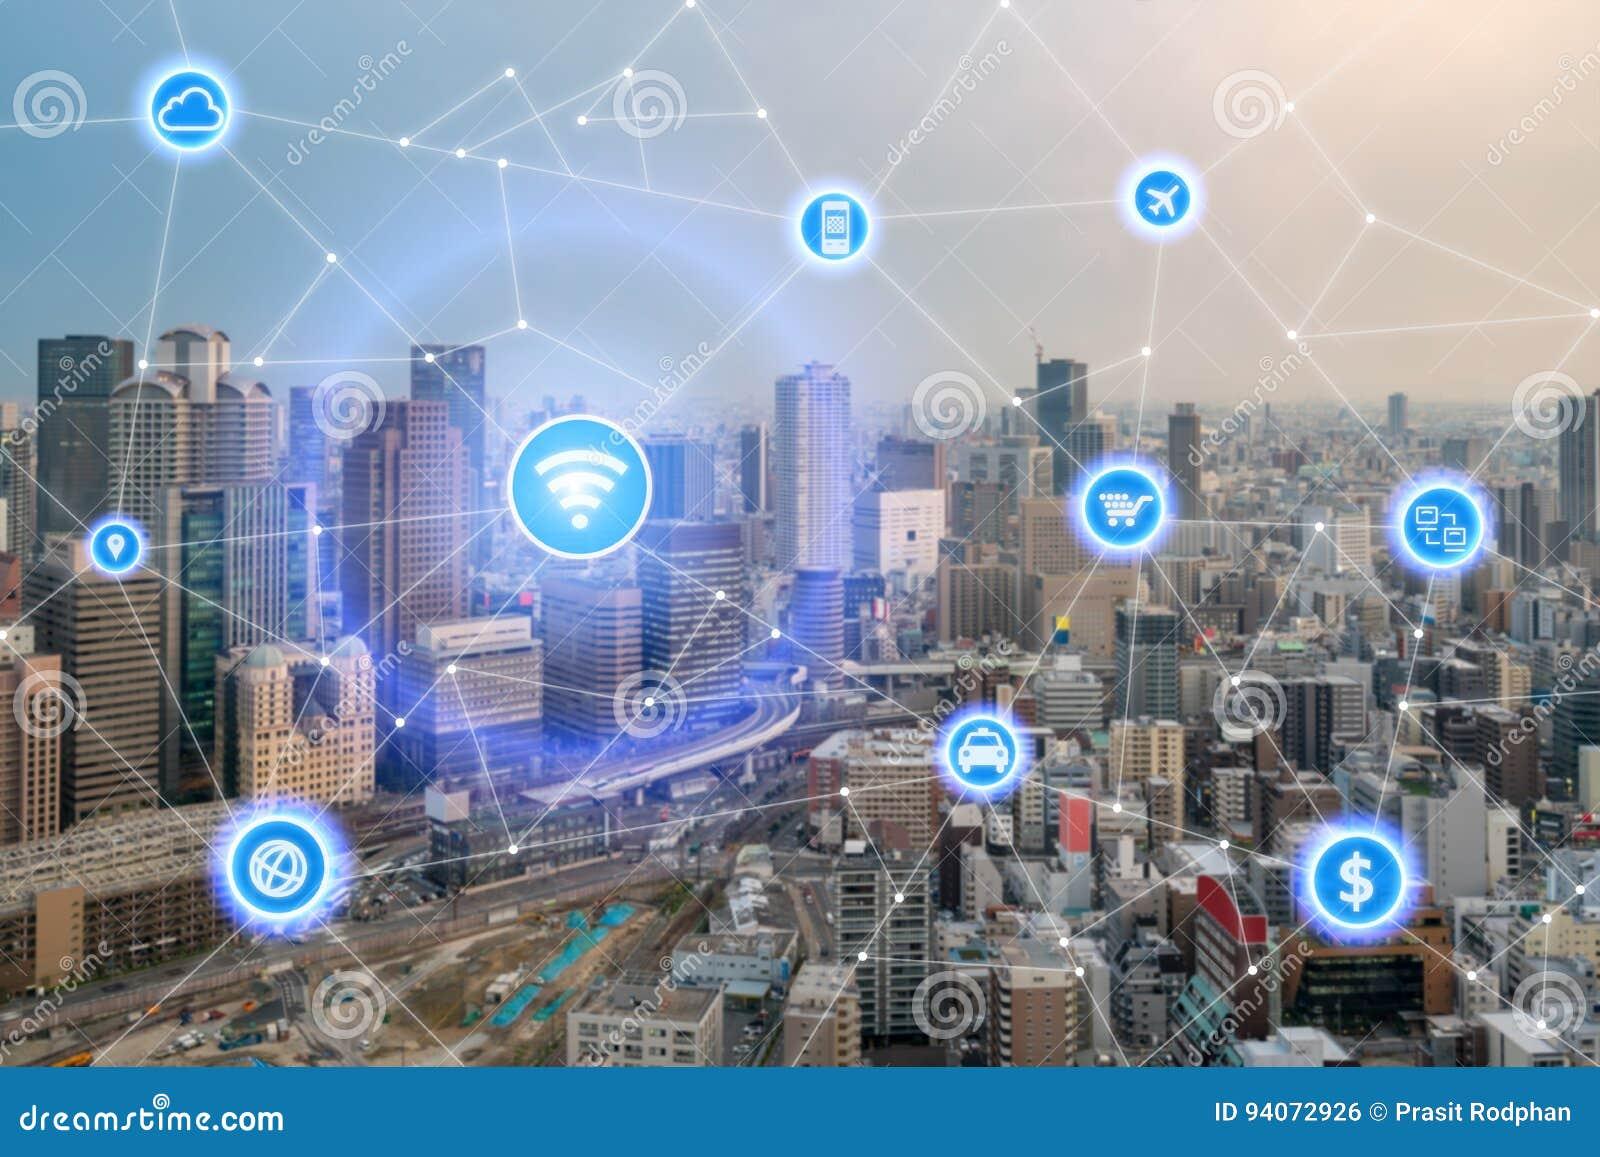 Mądrze miasta i radia sieć komunikacyjna, dzielnica biznesu